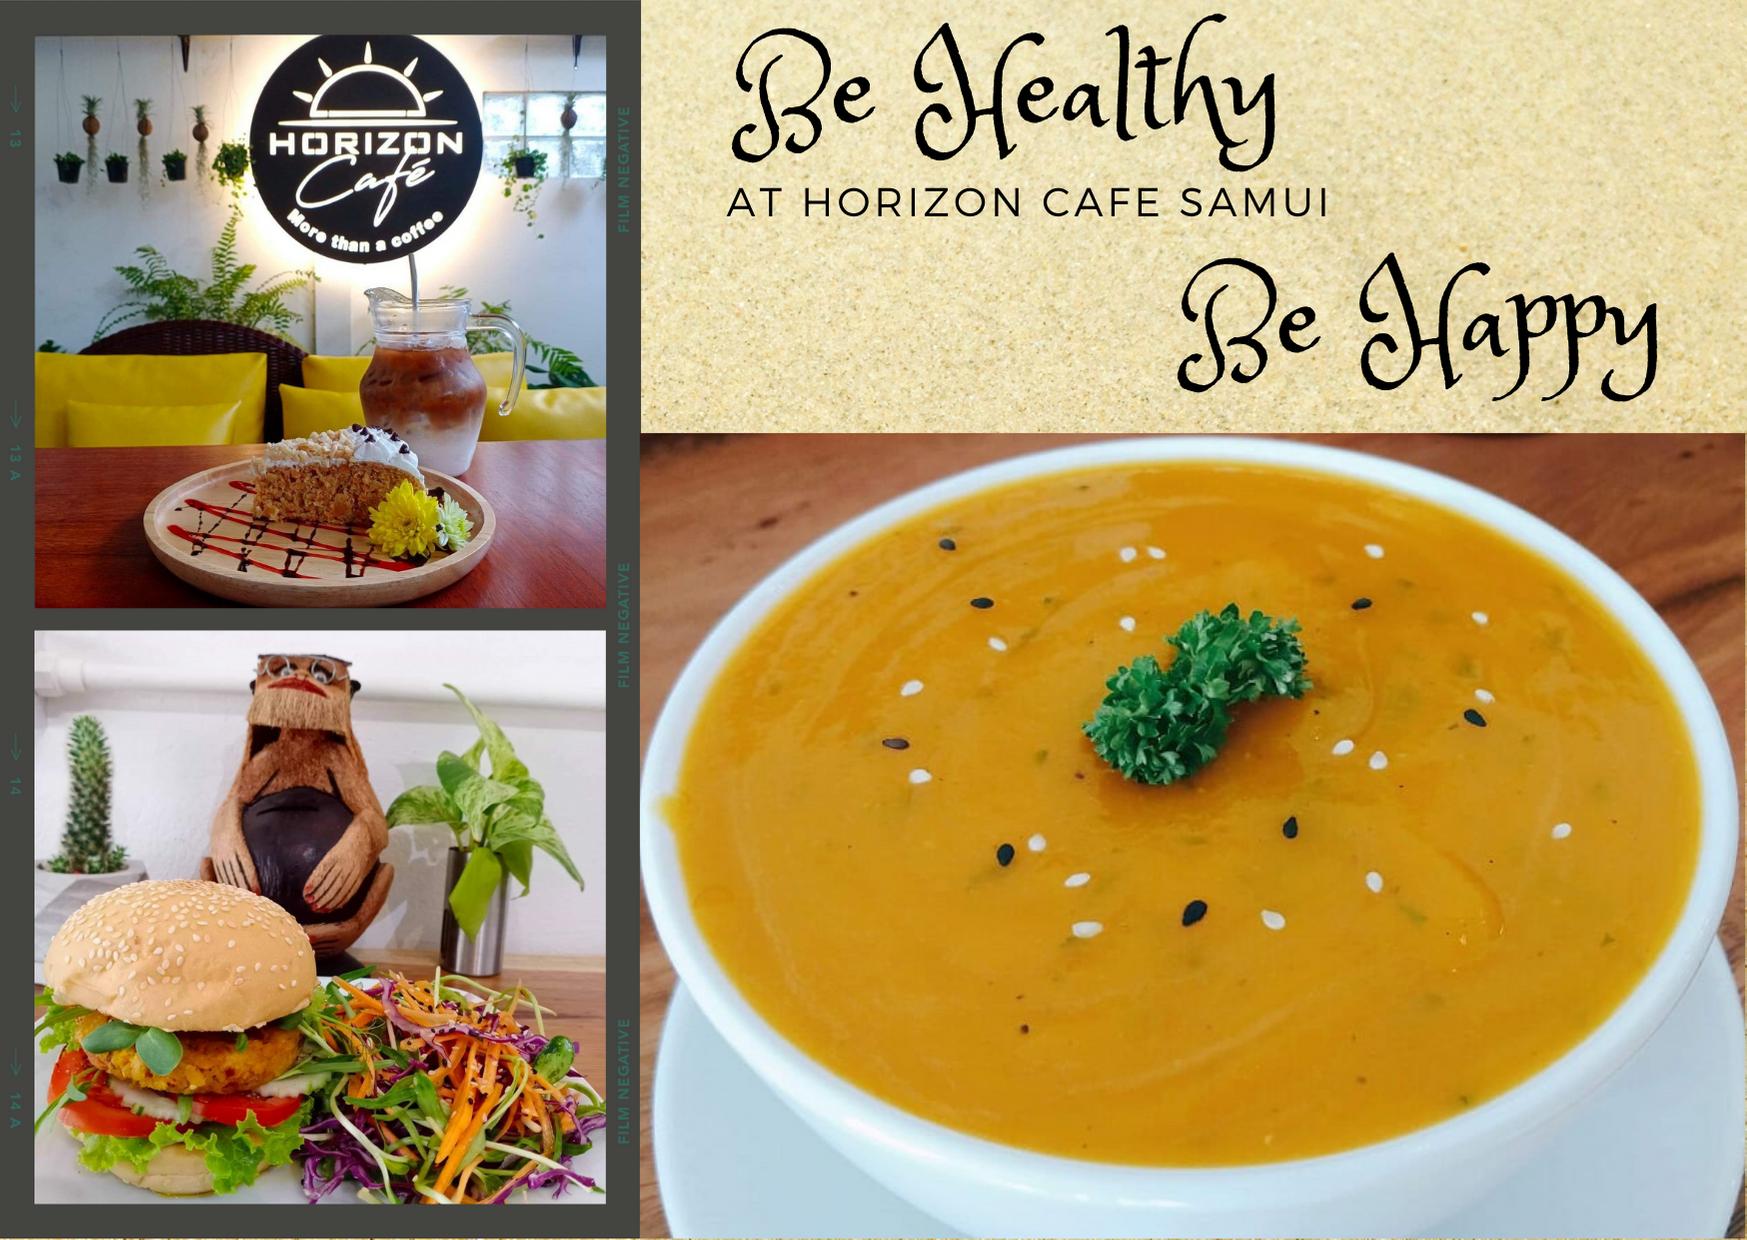 Horizon Café Samui (Nathon)